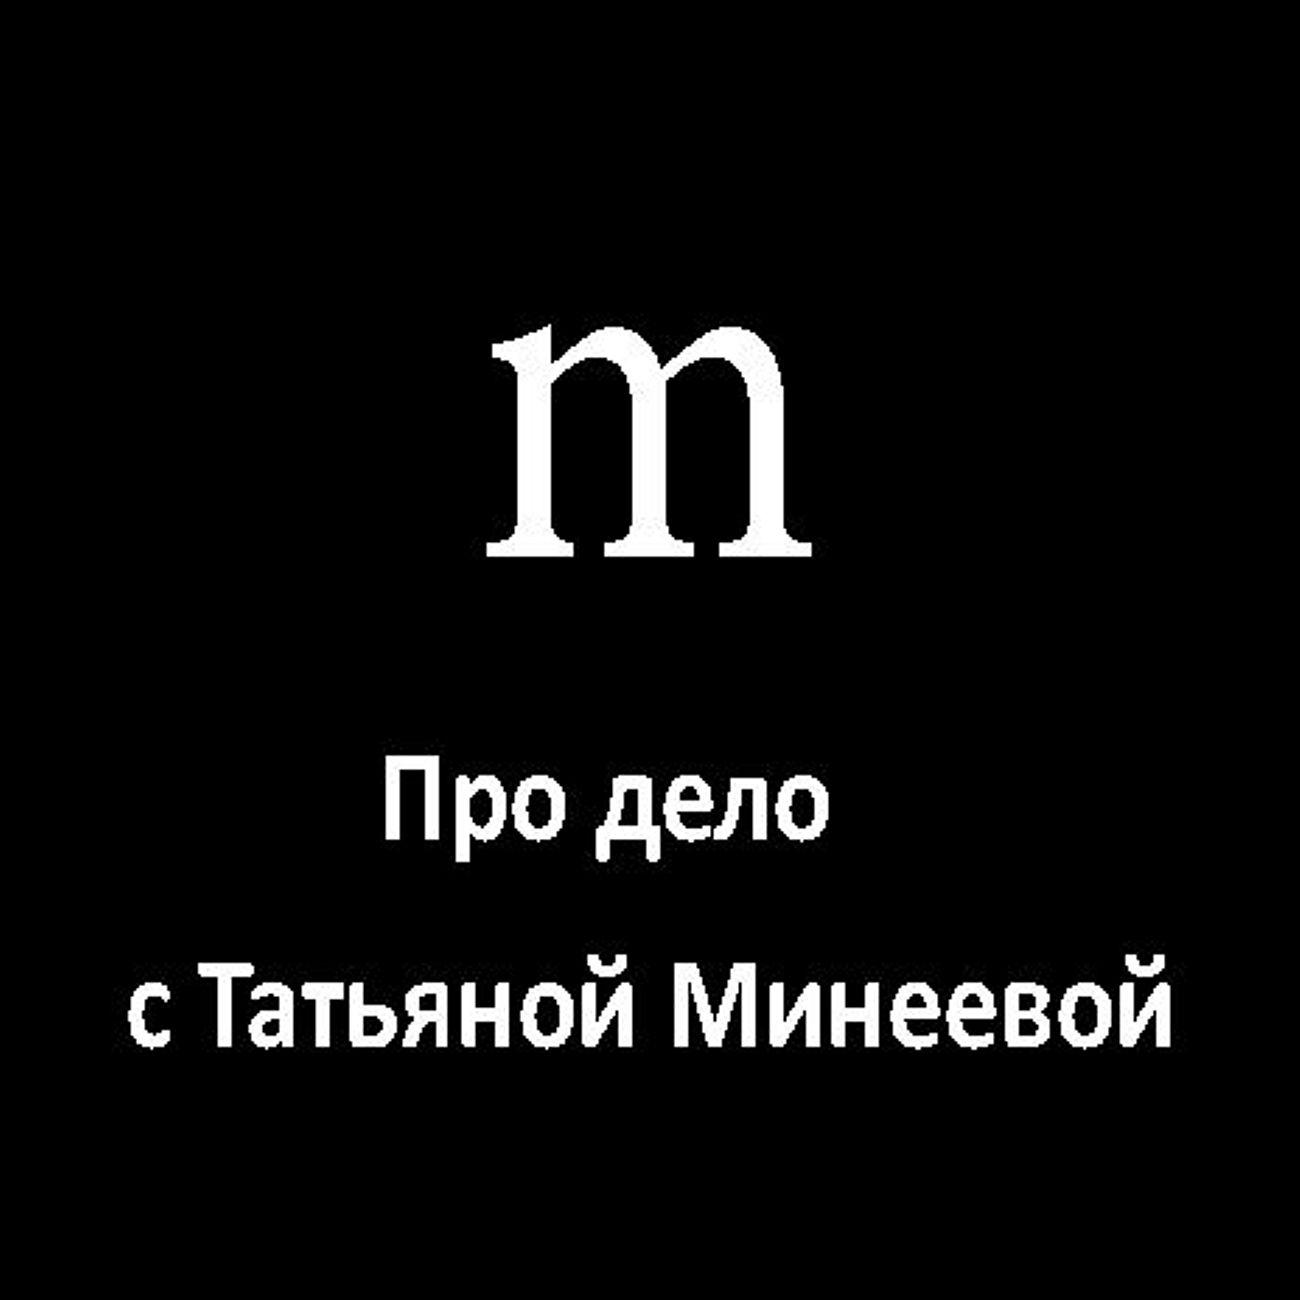 Про дело с Татьяной Минеевой